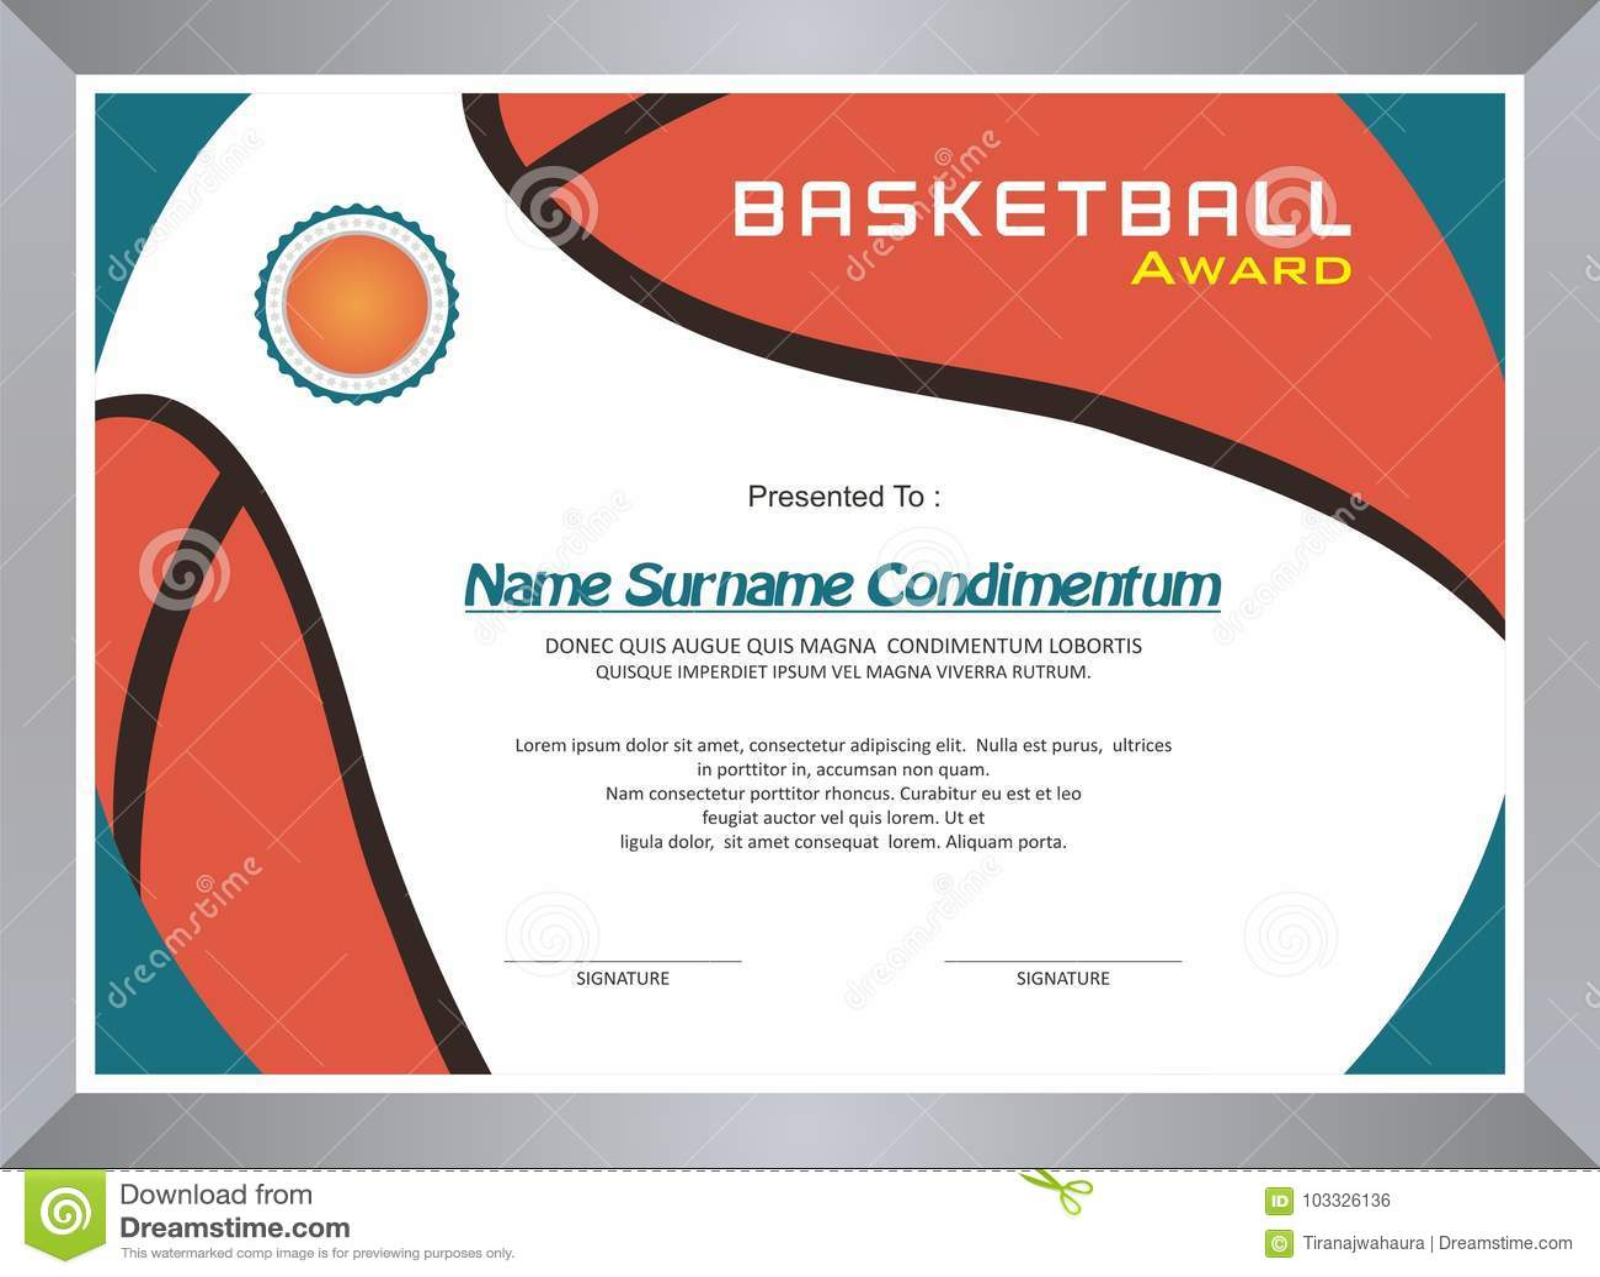 Basketbaltoekenning, het ontwerp van het diplomamalplaatje